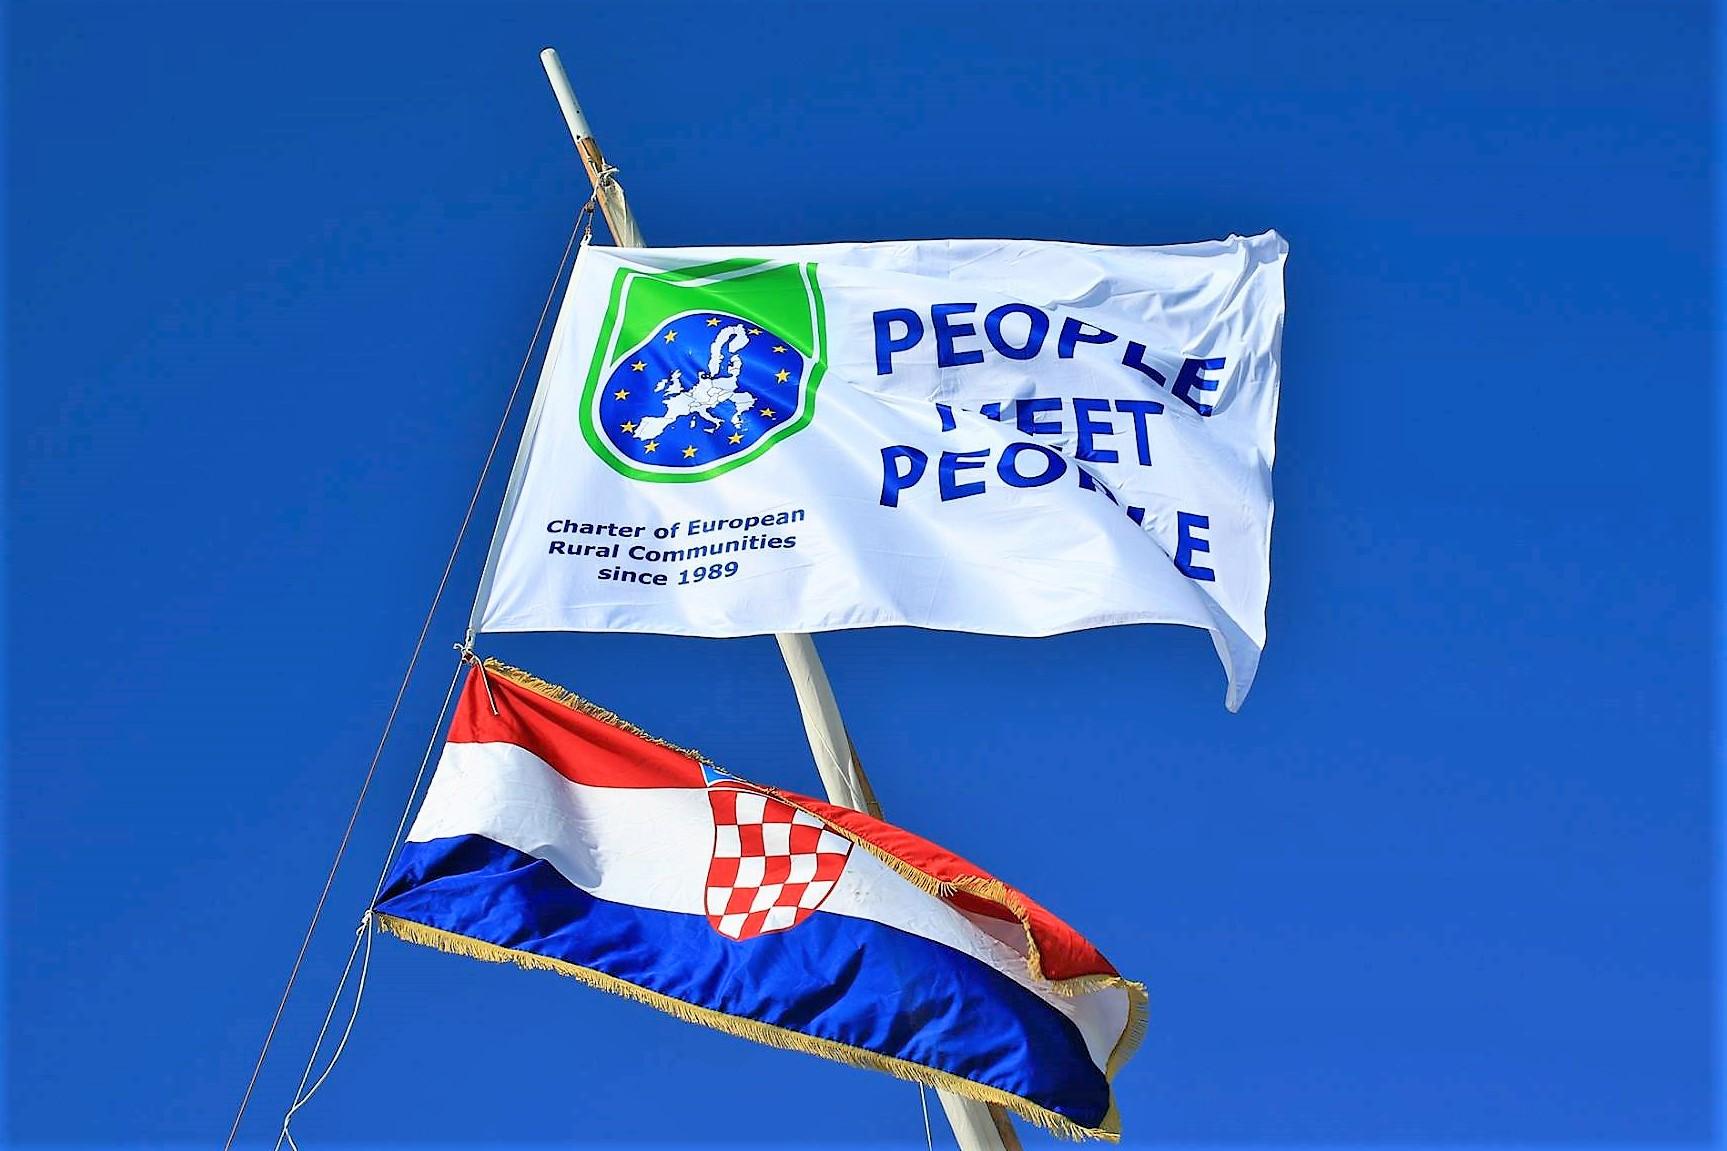 najbolje mjesto za upoznavanje Australija 2013 nevada minorni zakoni o datiranju